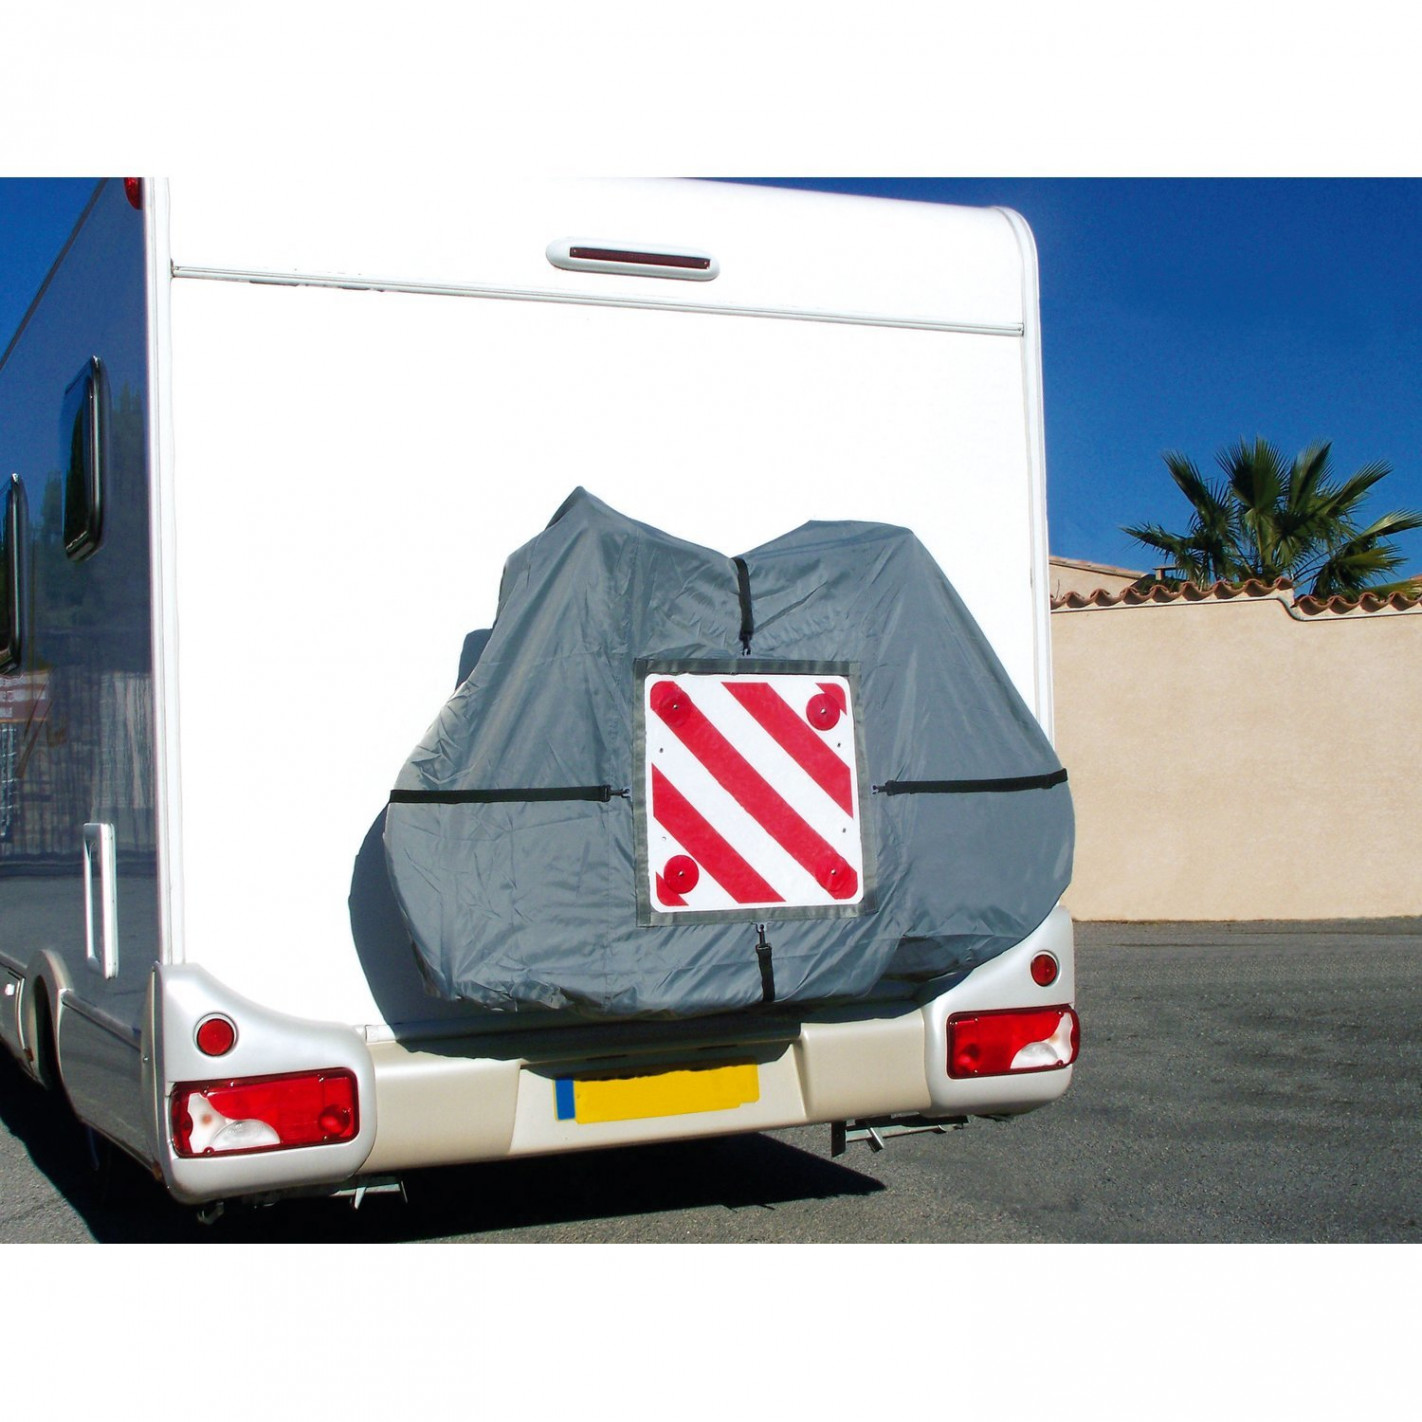 equipement camping car accessoires de portage pas chers pour caravane. Black Bedroom Furniture Sets. Home Design Ideas